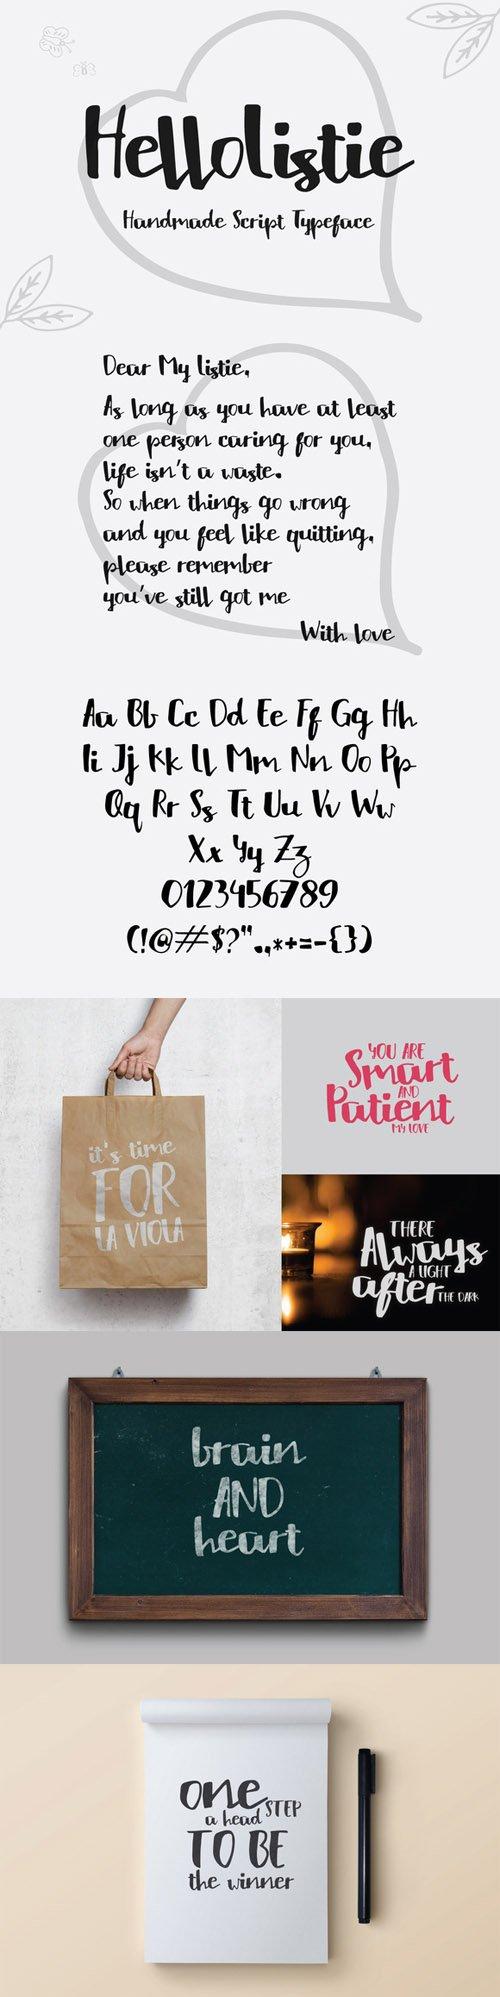 HelloListie Typeface Font